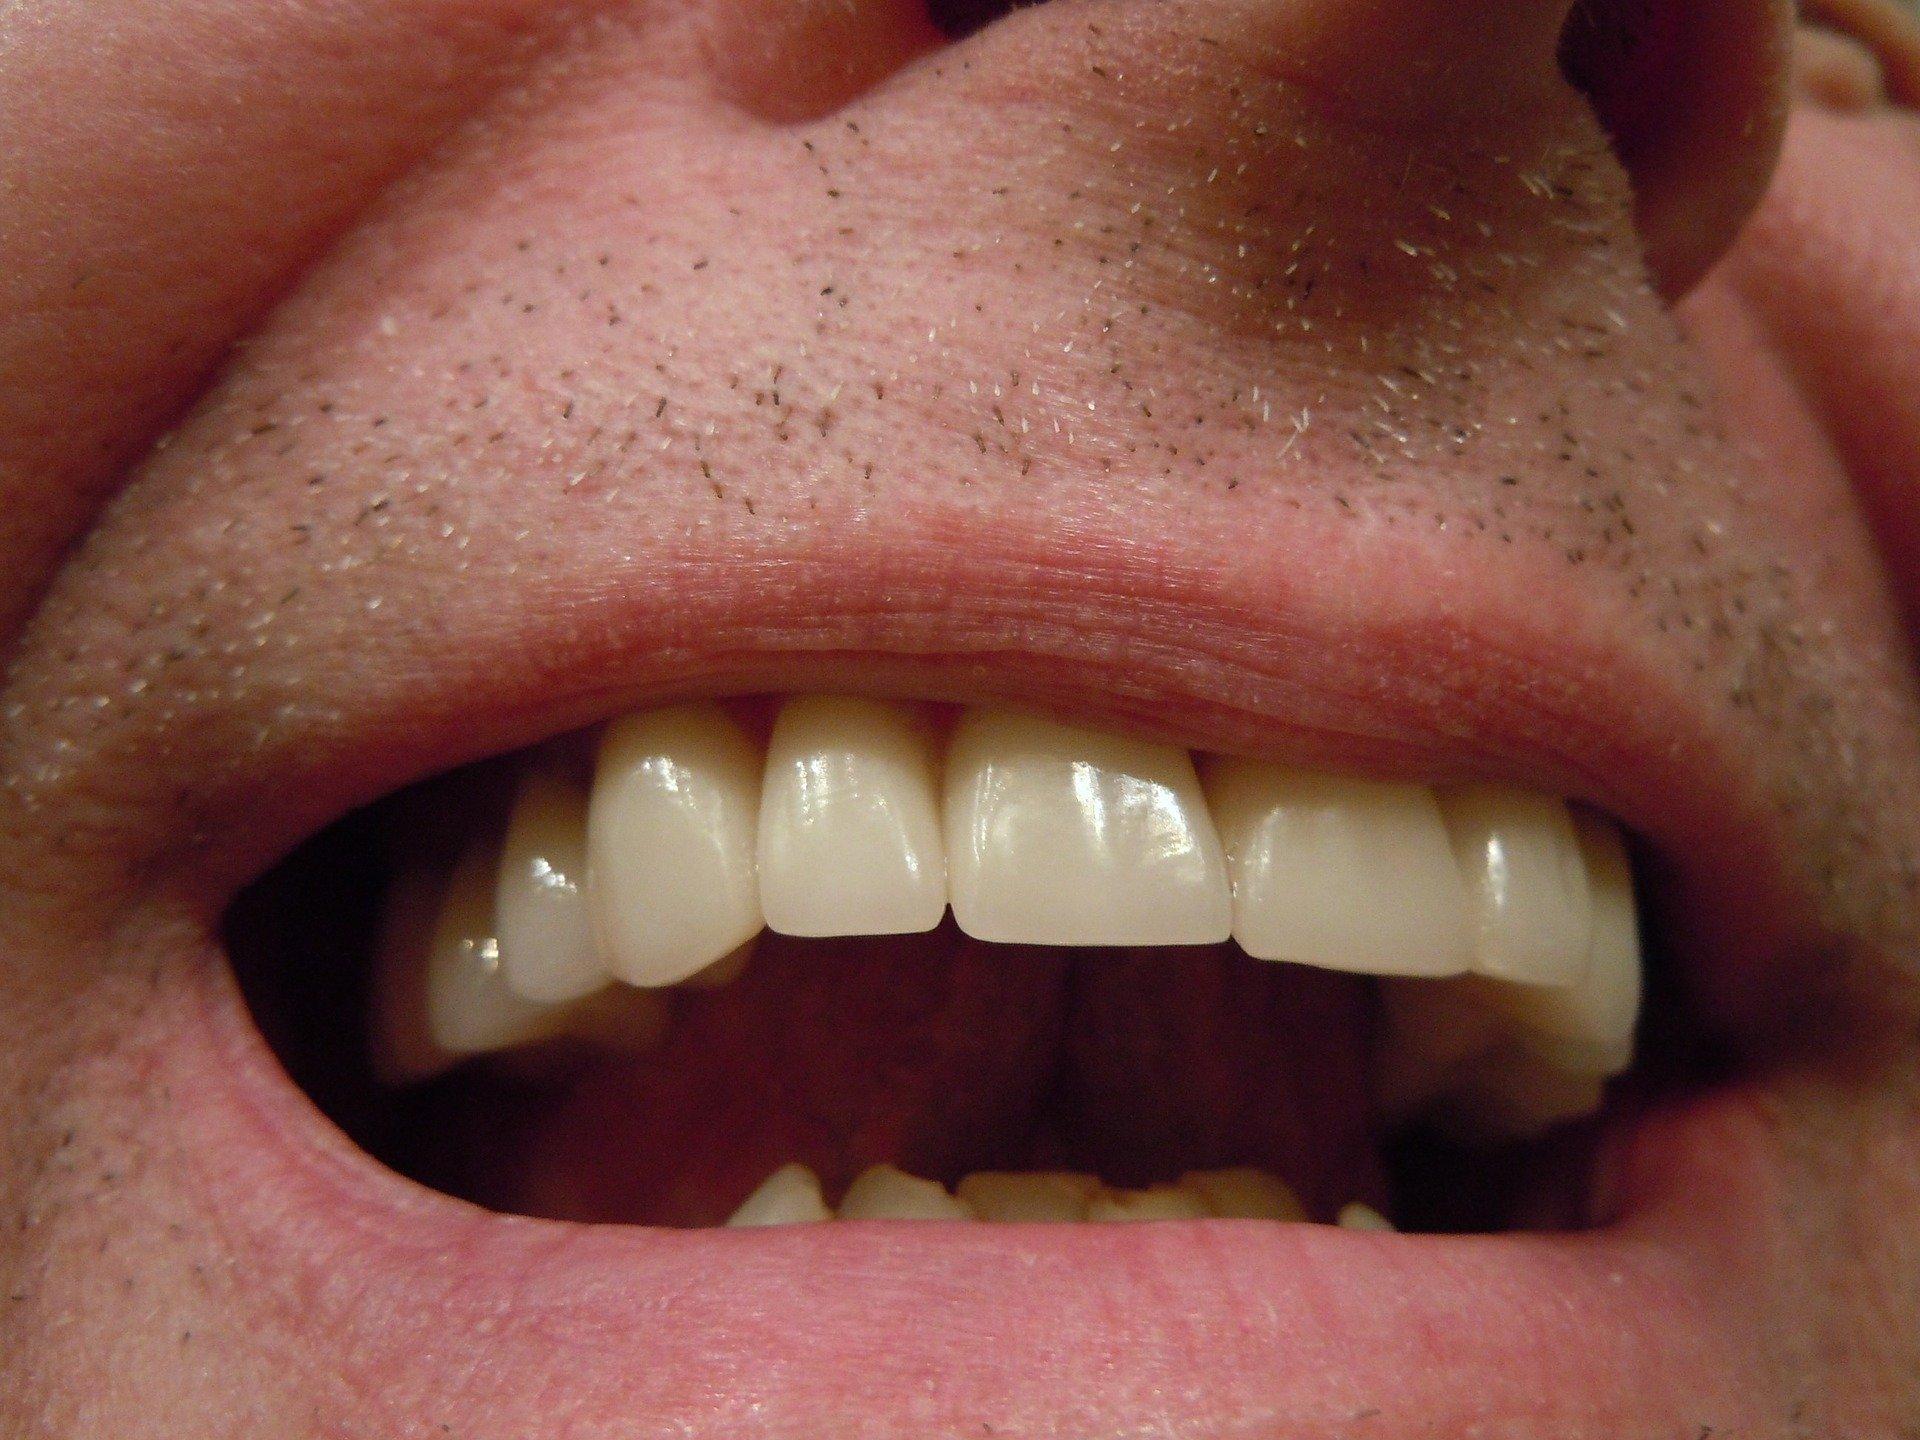 dentistry crowns in waterloo - waterloo dentist - erbsville dental